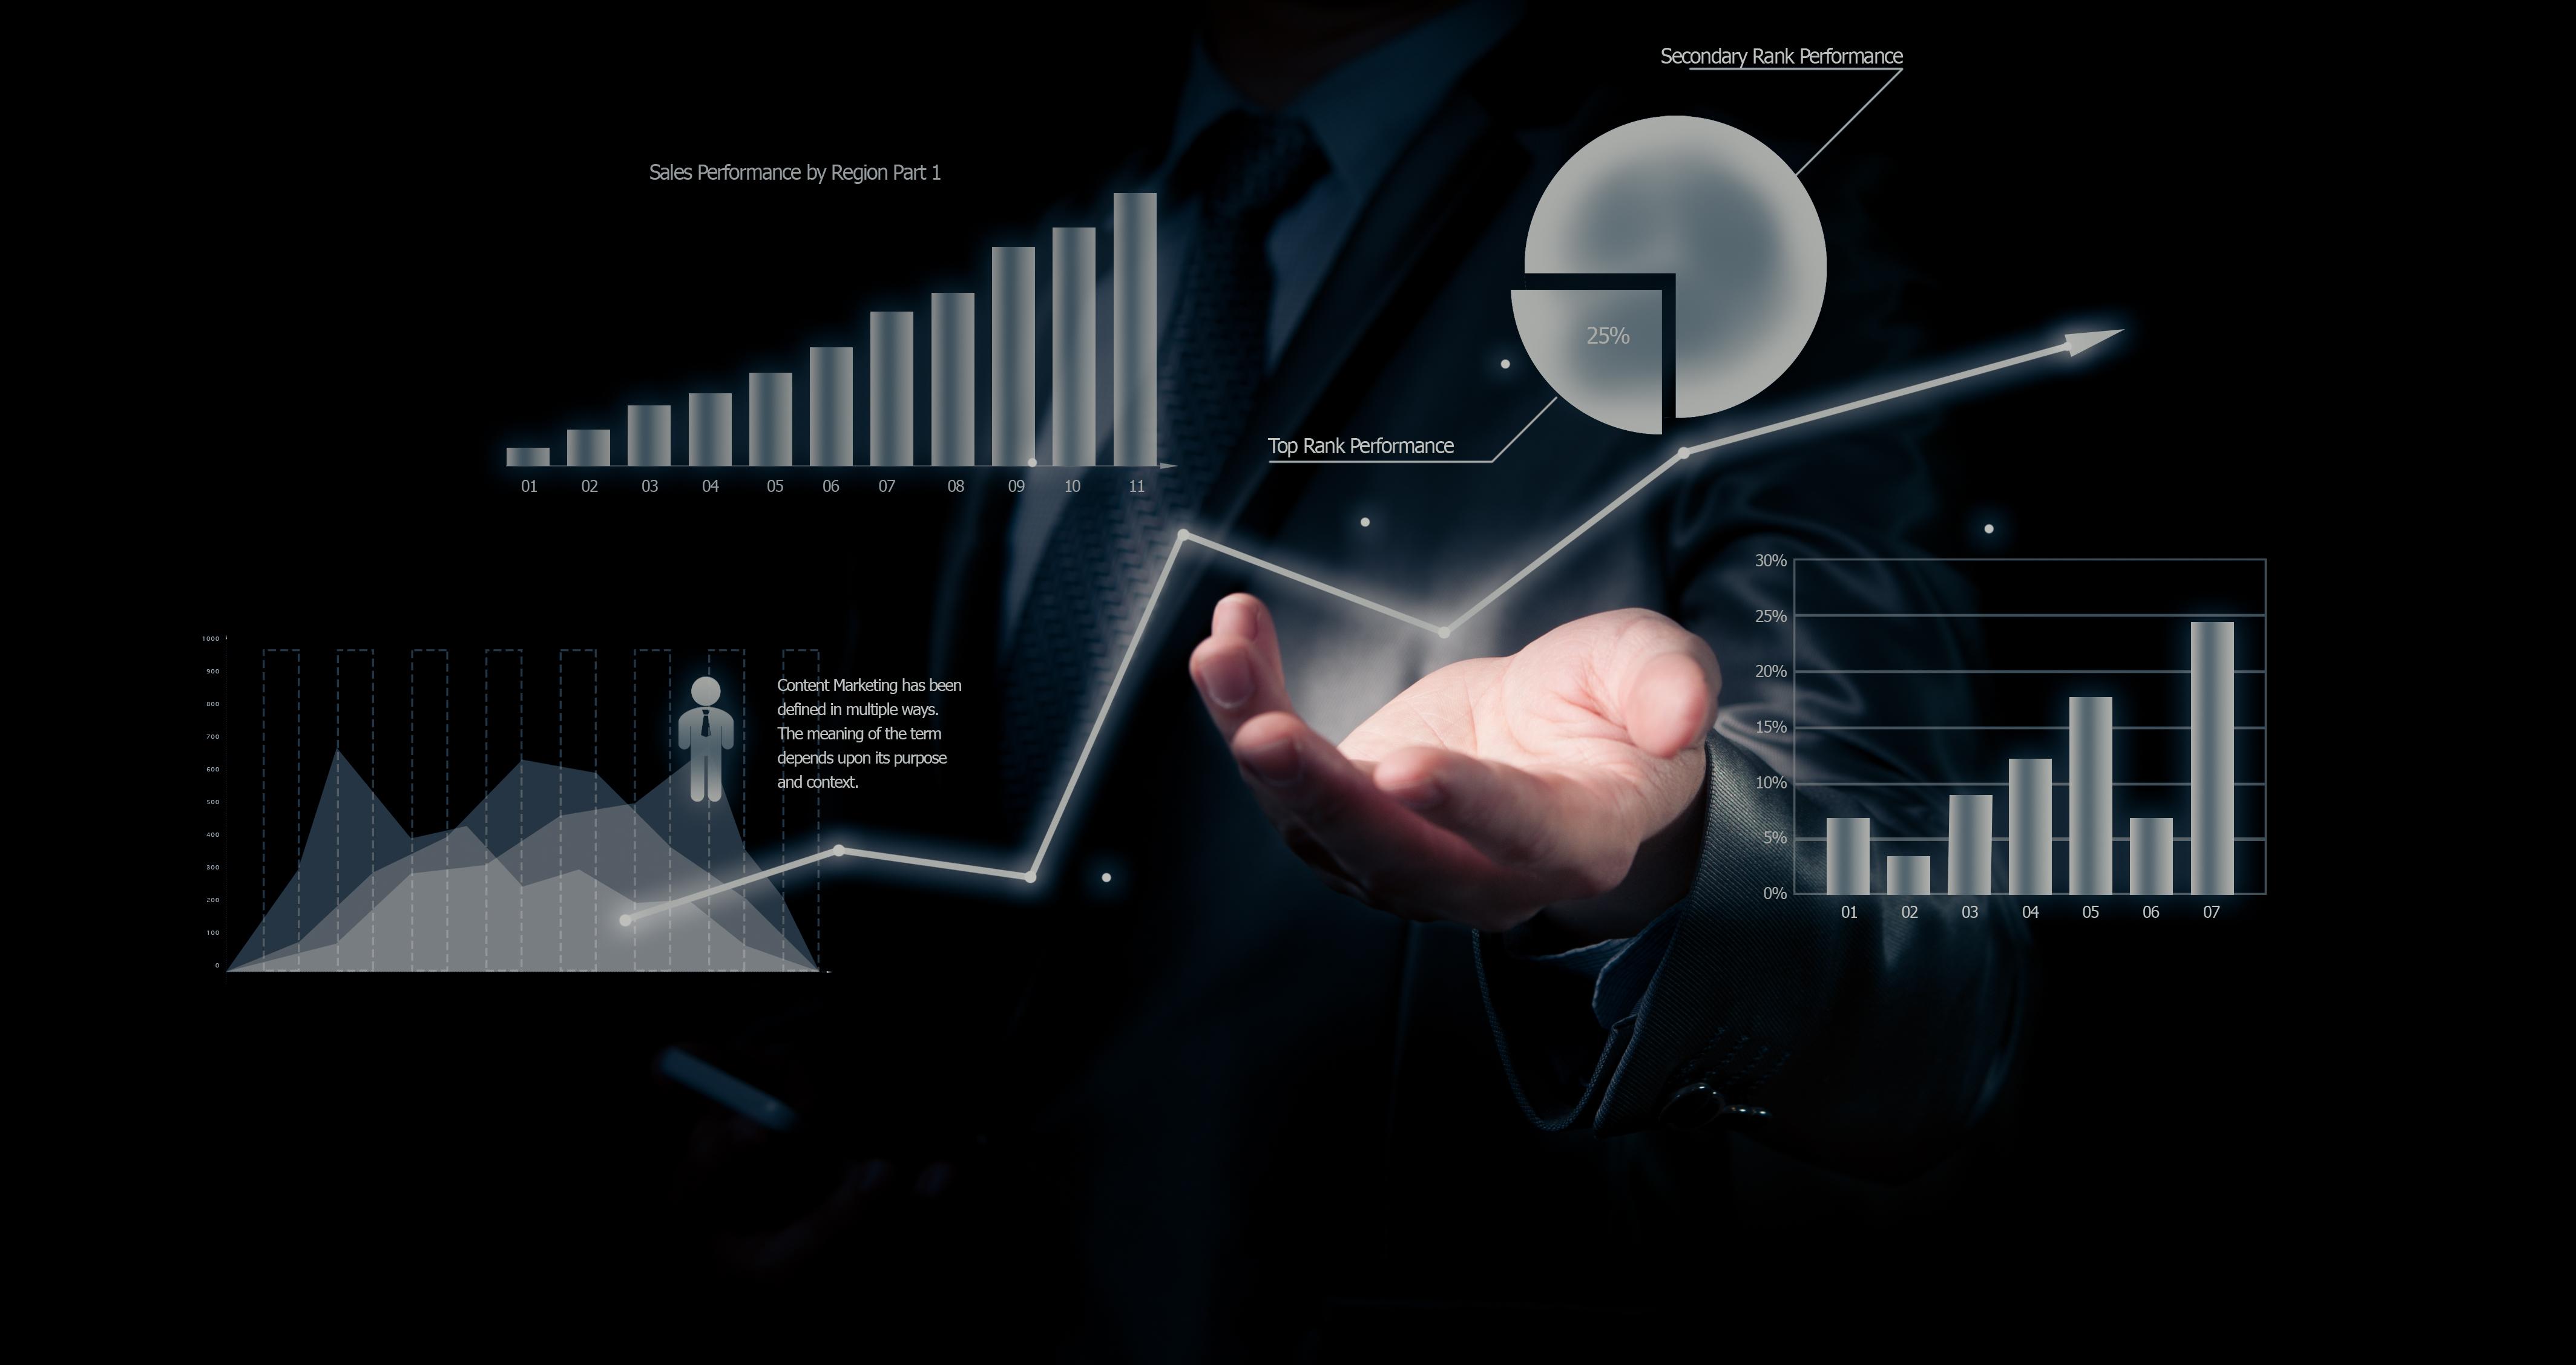 社員が受け身ですべて自分で決めている経営者が、今の社員のまま「売上・利益を2倍」にするたった1つの方法